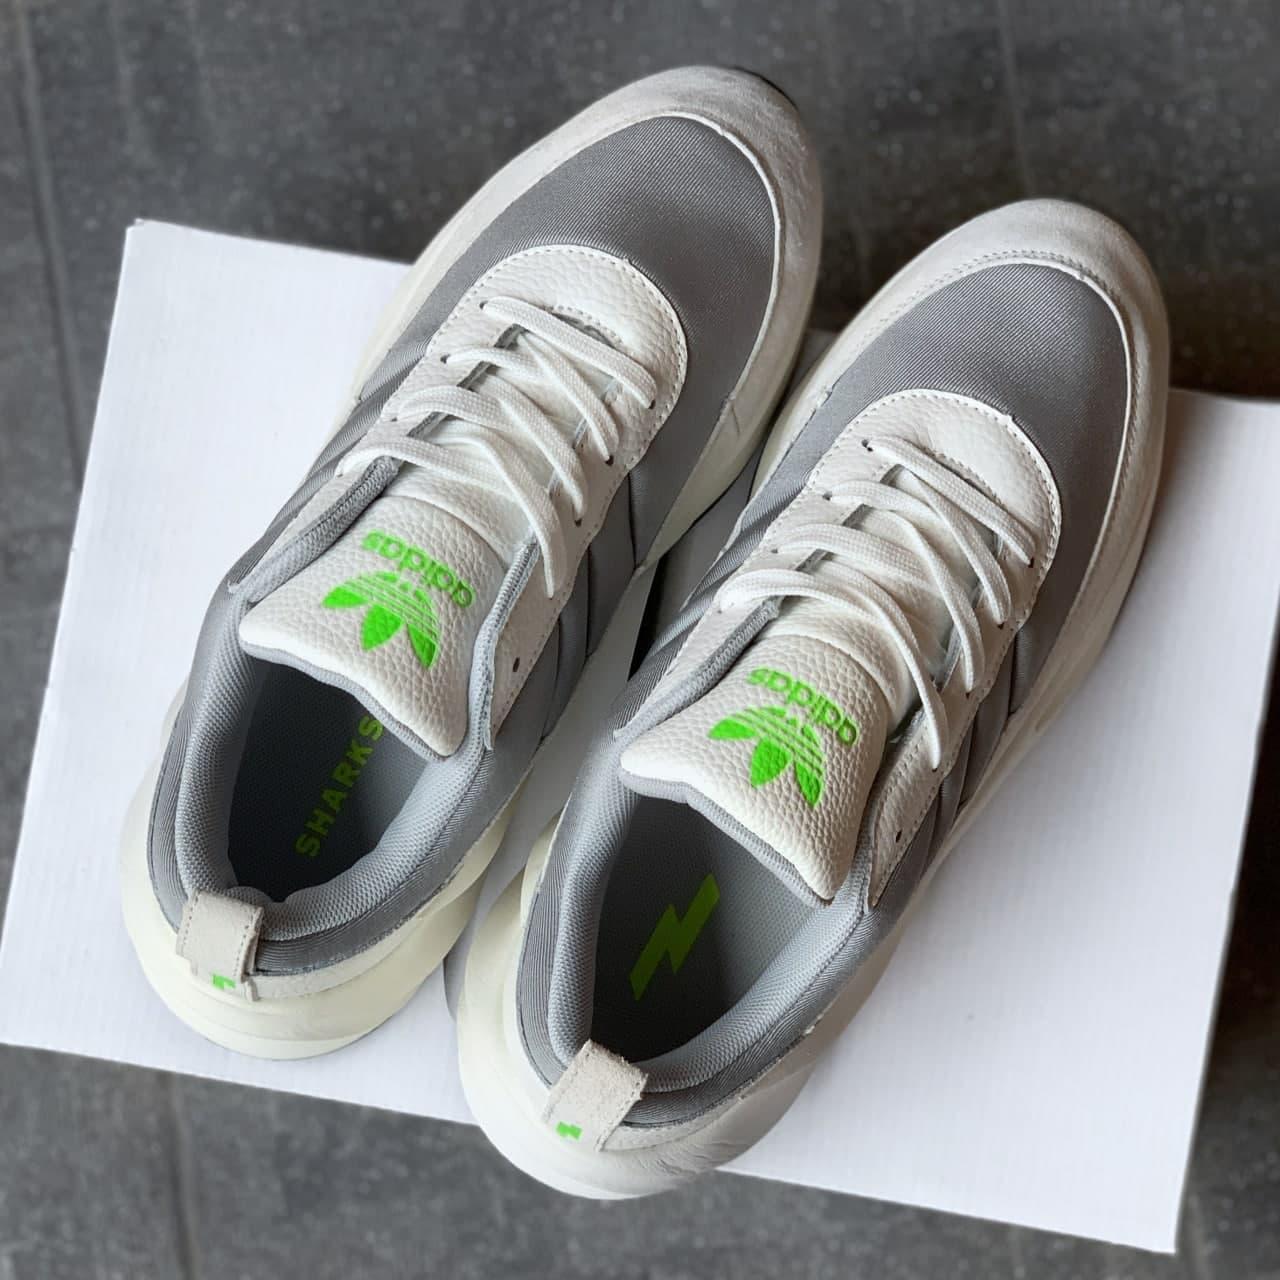 Чоловічі кросівки Adidas Shark white Grey